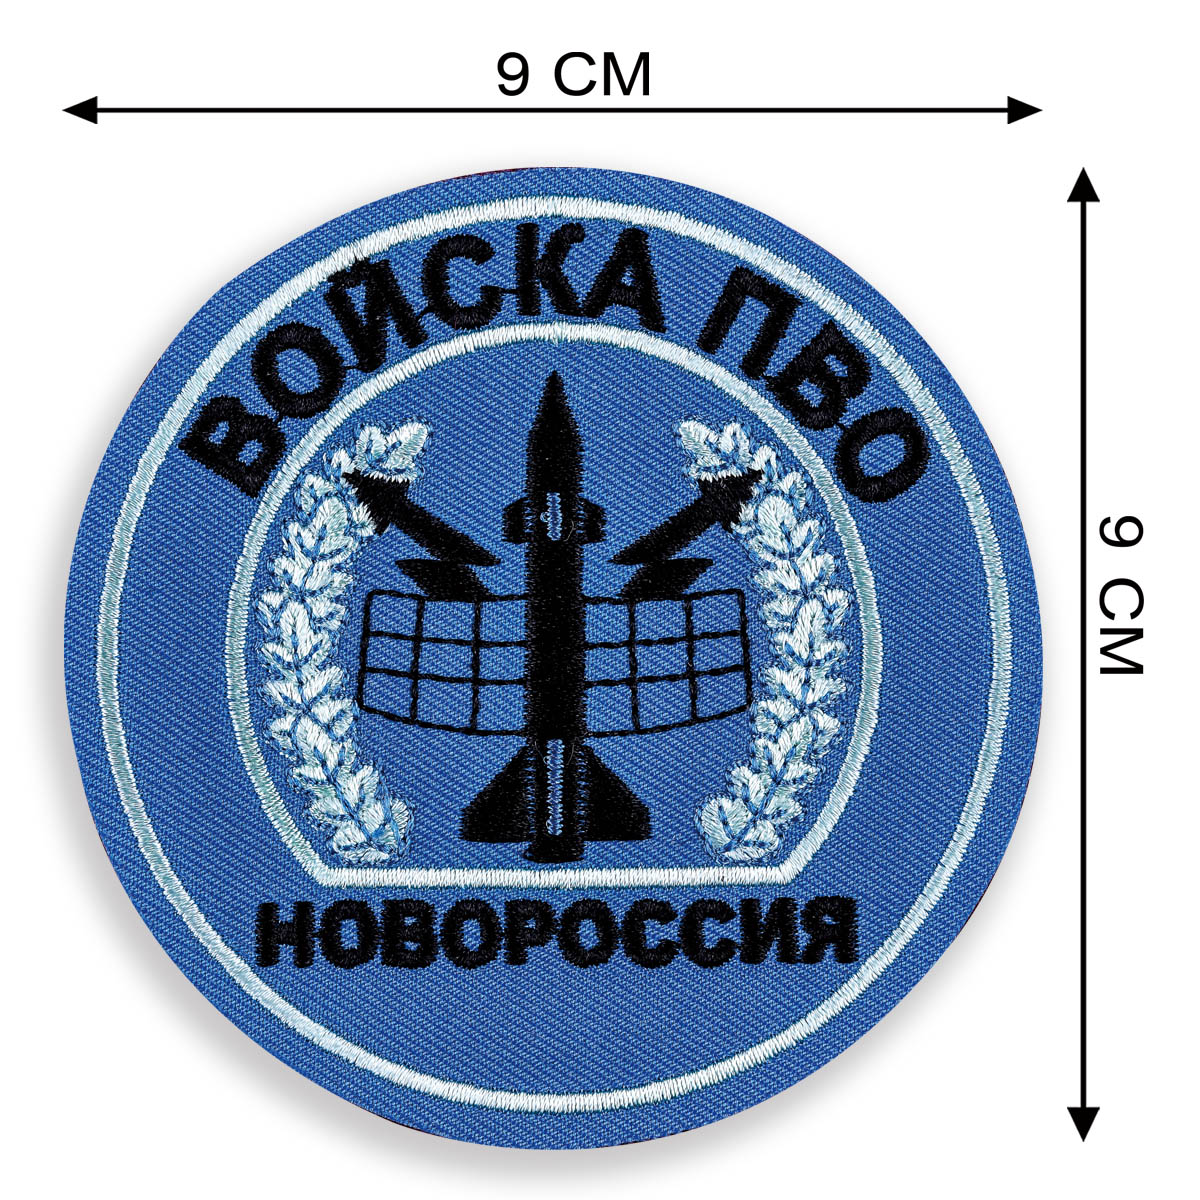 Военная толстовка Войска ПВО Новороссии.